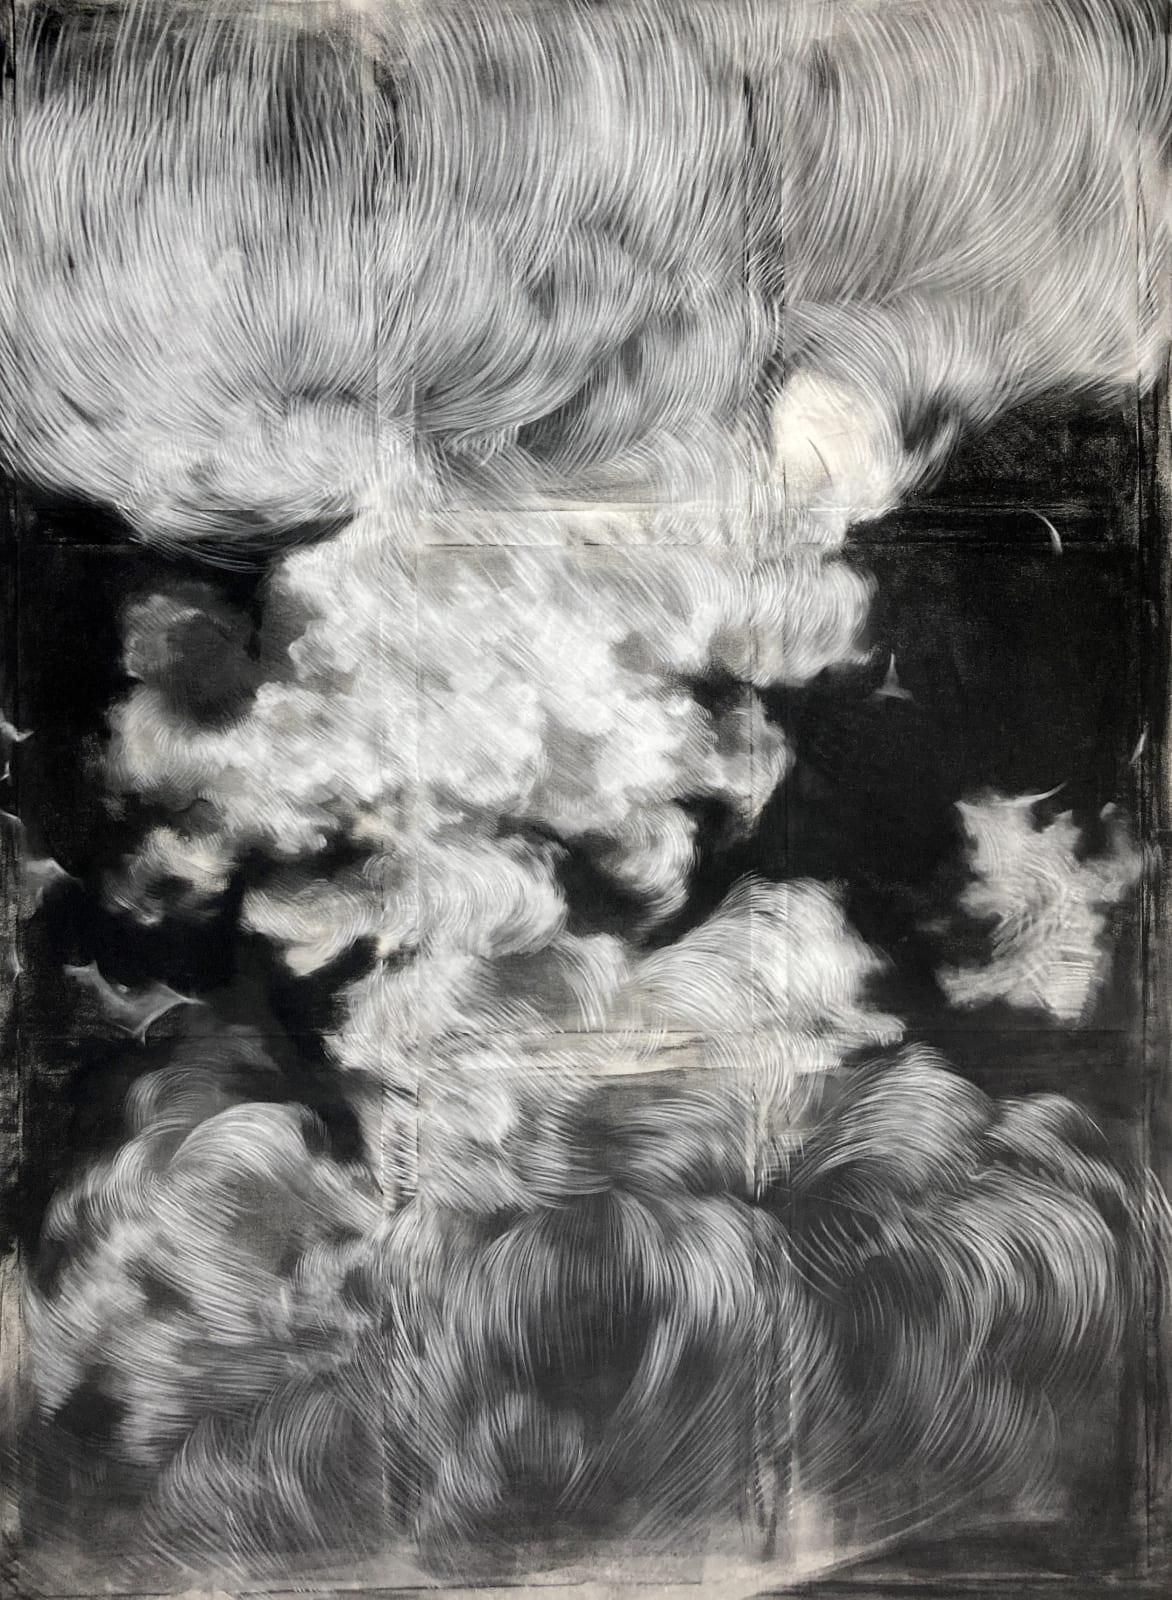 Cloud Study II 2021 Charcoal & Chalk on Canvas 220 x 180 cm